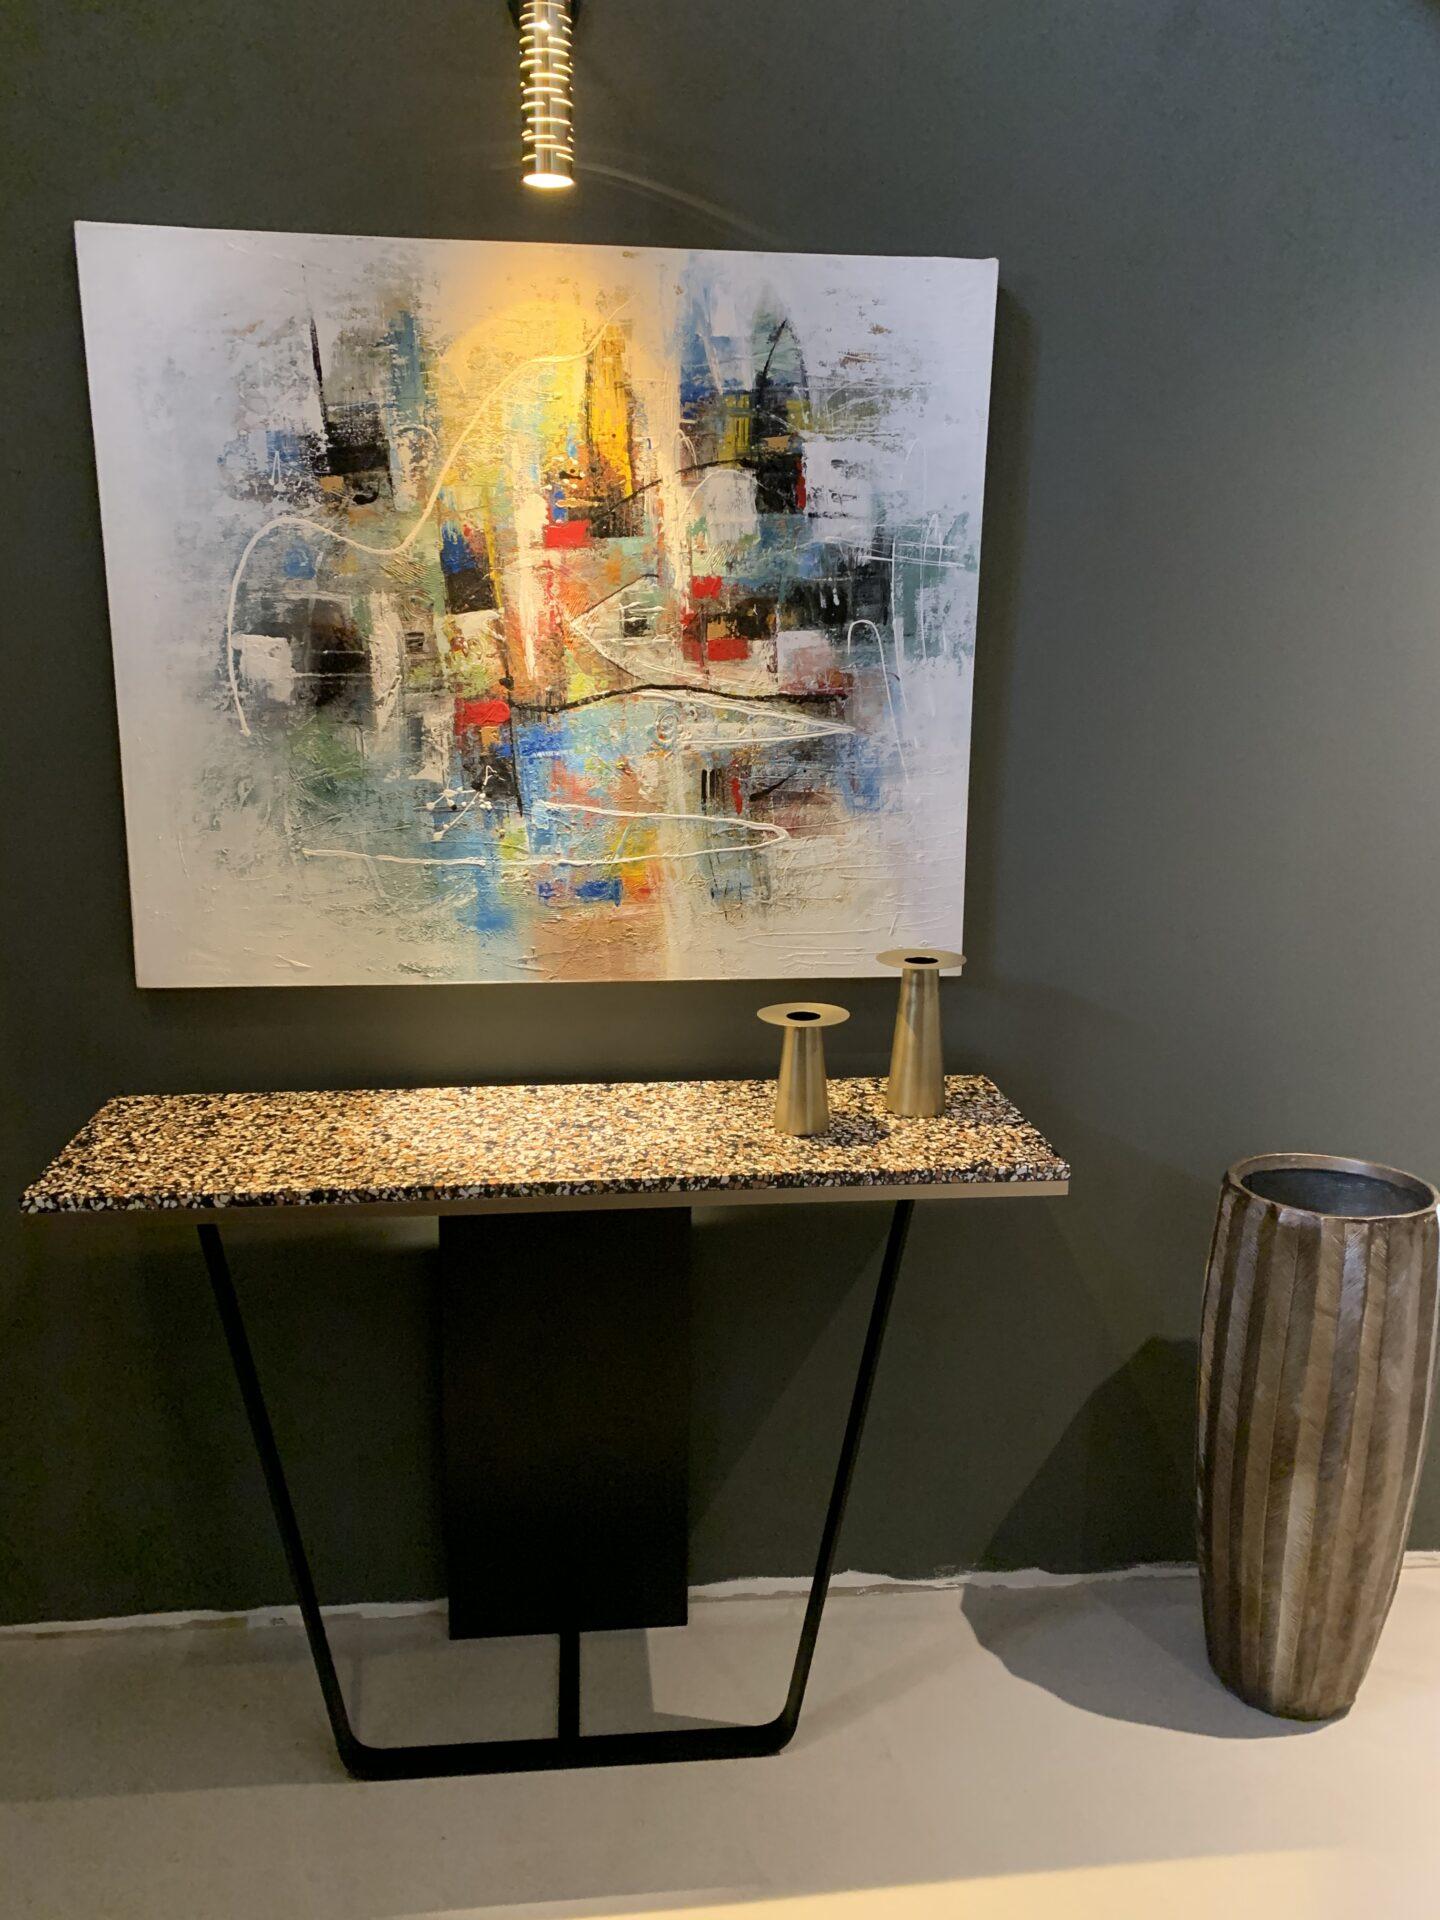 Décoration et agencement bastide à Pernes les Fontaines- Entrée avec console design en terrazzo et vases dorés., par Myll décors , Agence de décoration d'intérieur à Aix en Provence et dans le Var